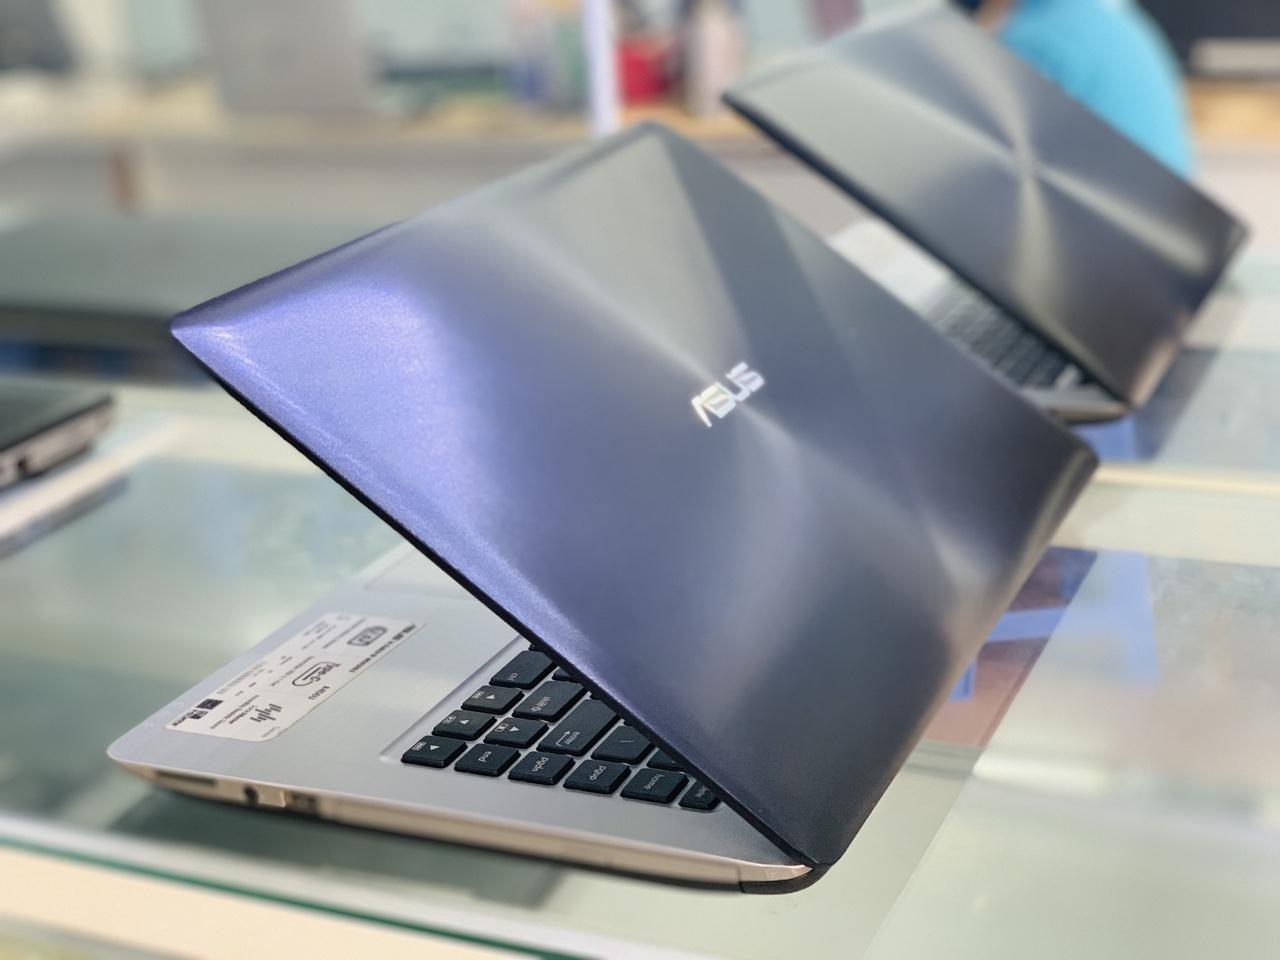 Mua laptop cũ ở đâu giá tốt - Nhật Minh Laptop